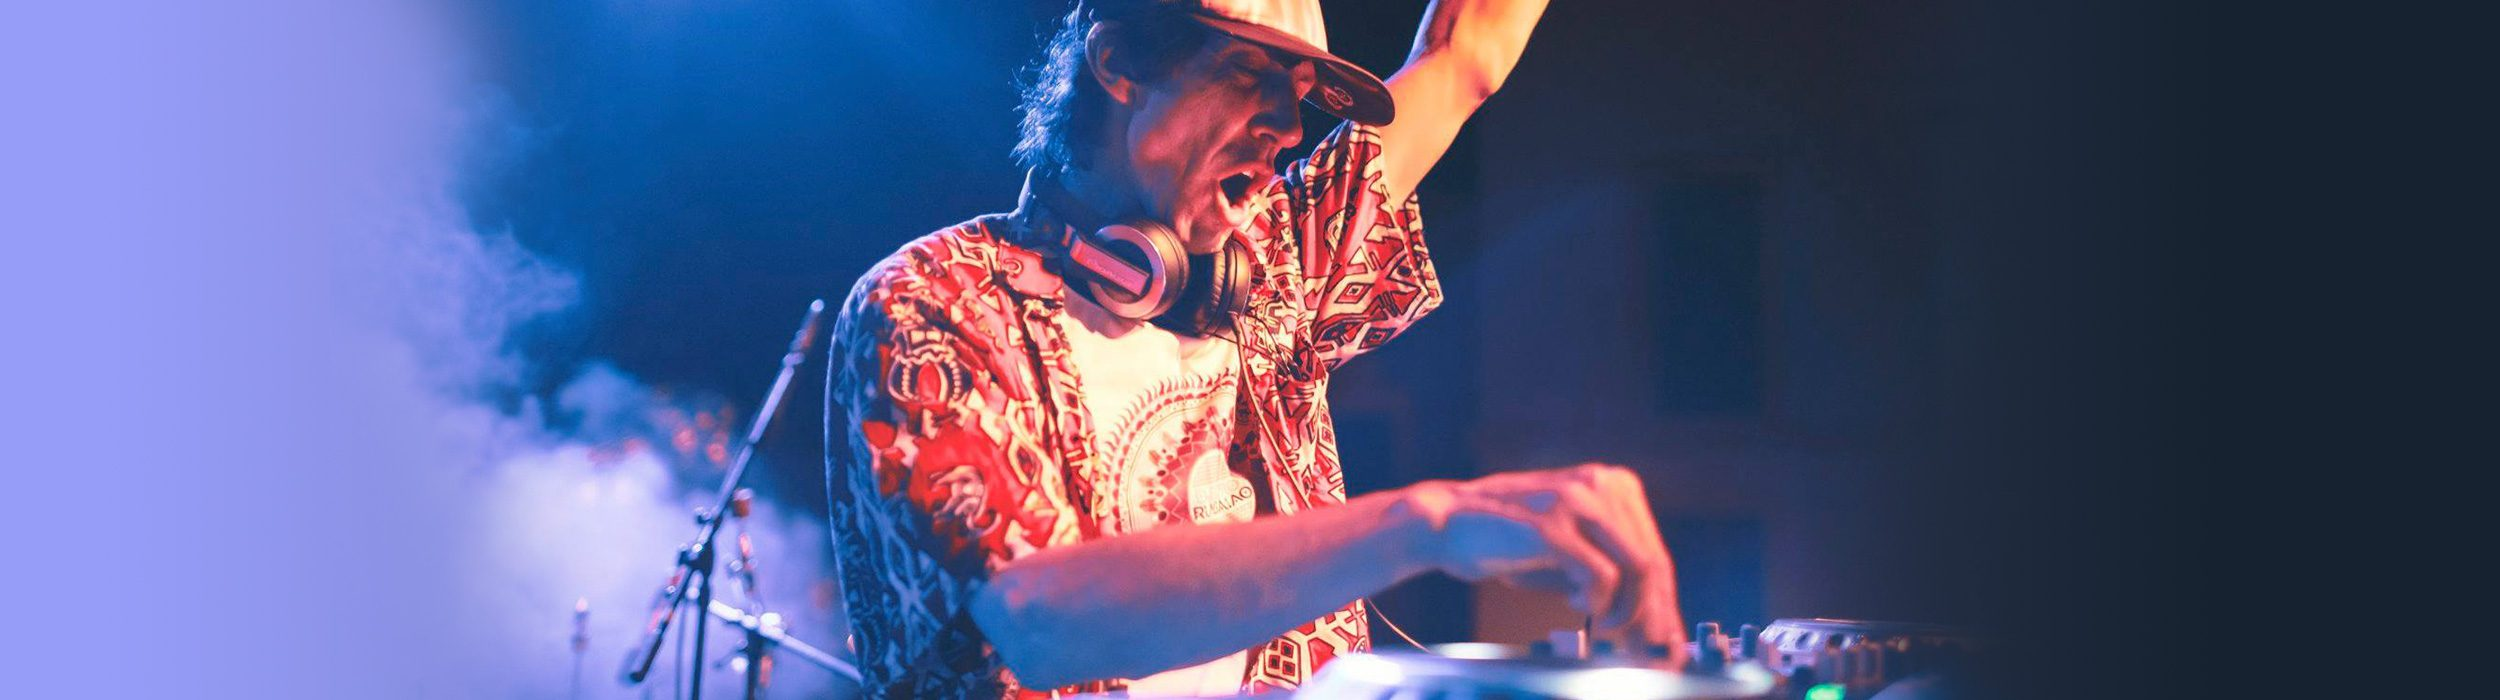 DJ Panko